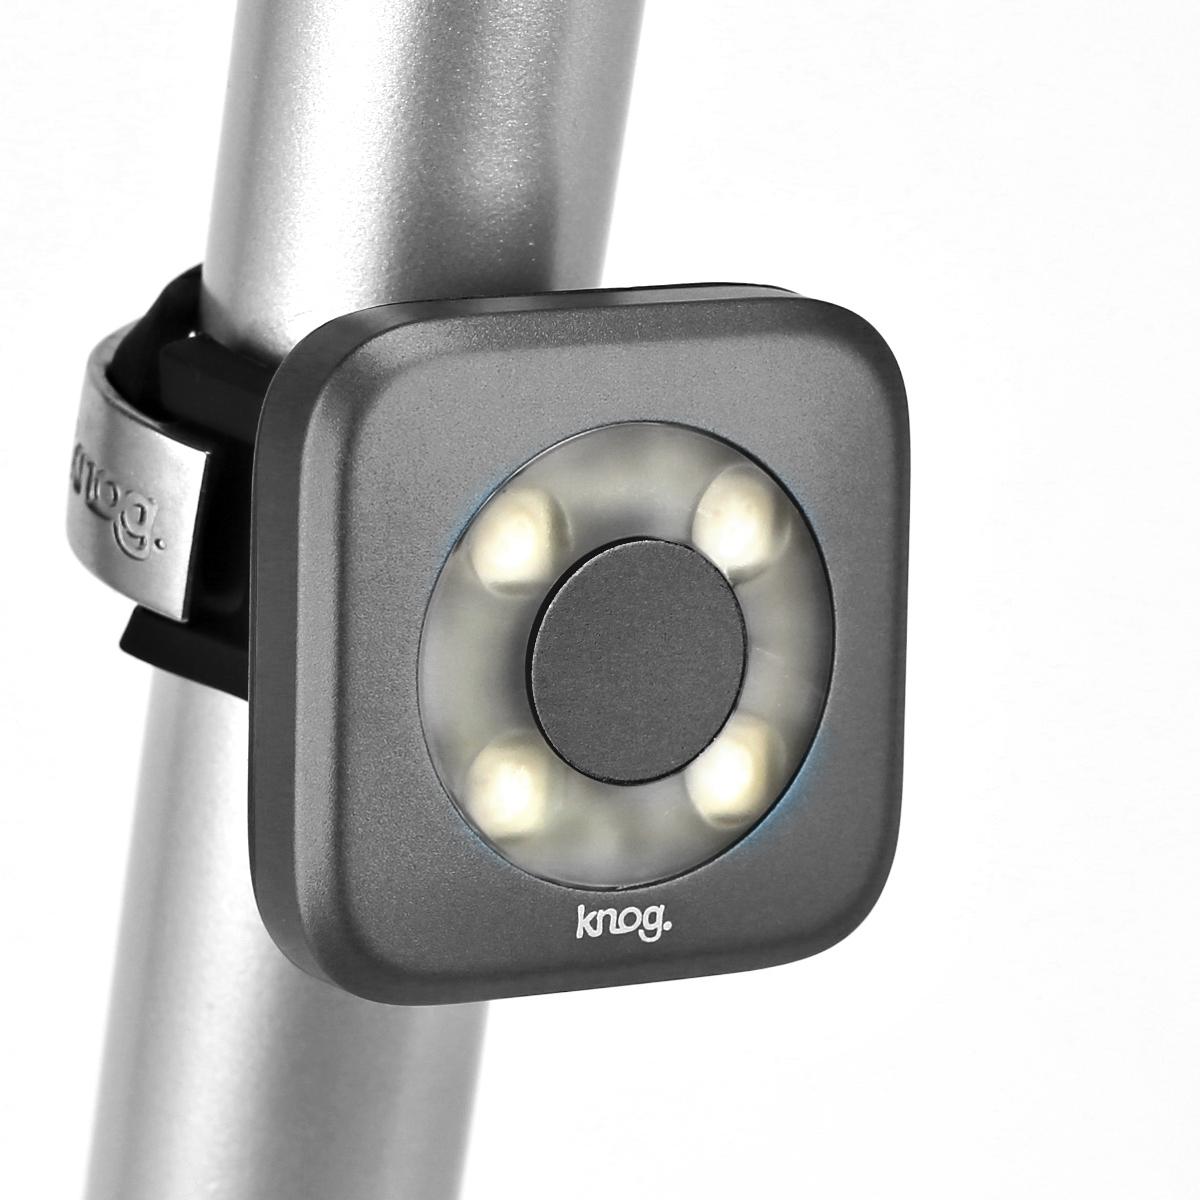 Éclairage arrière Knog Blinder Cercle 4 LED - Bleu